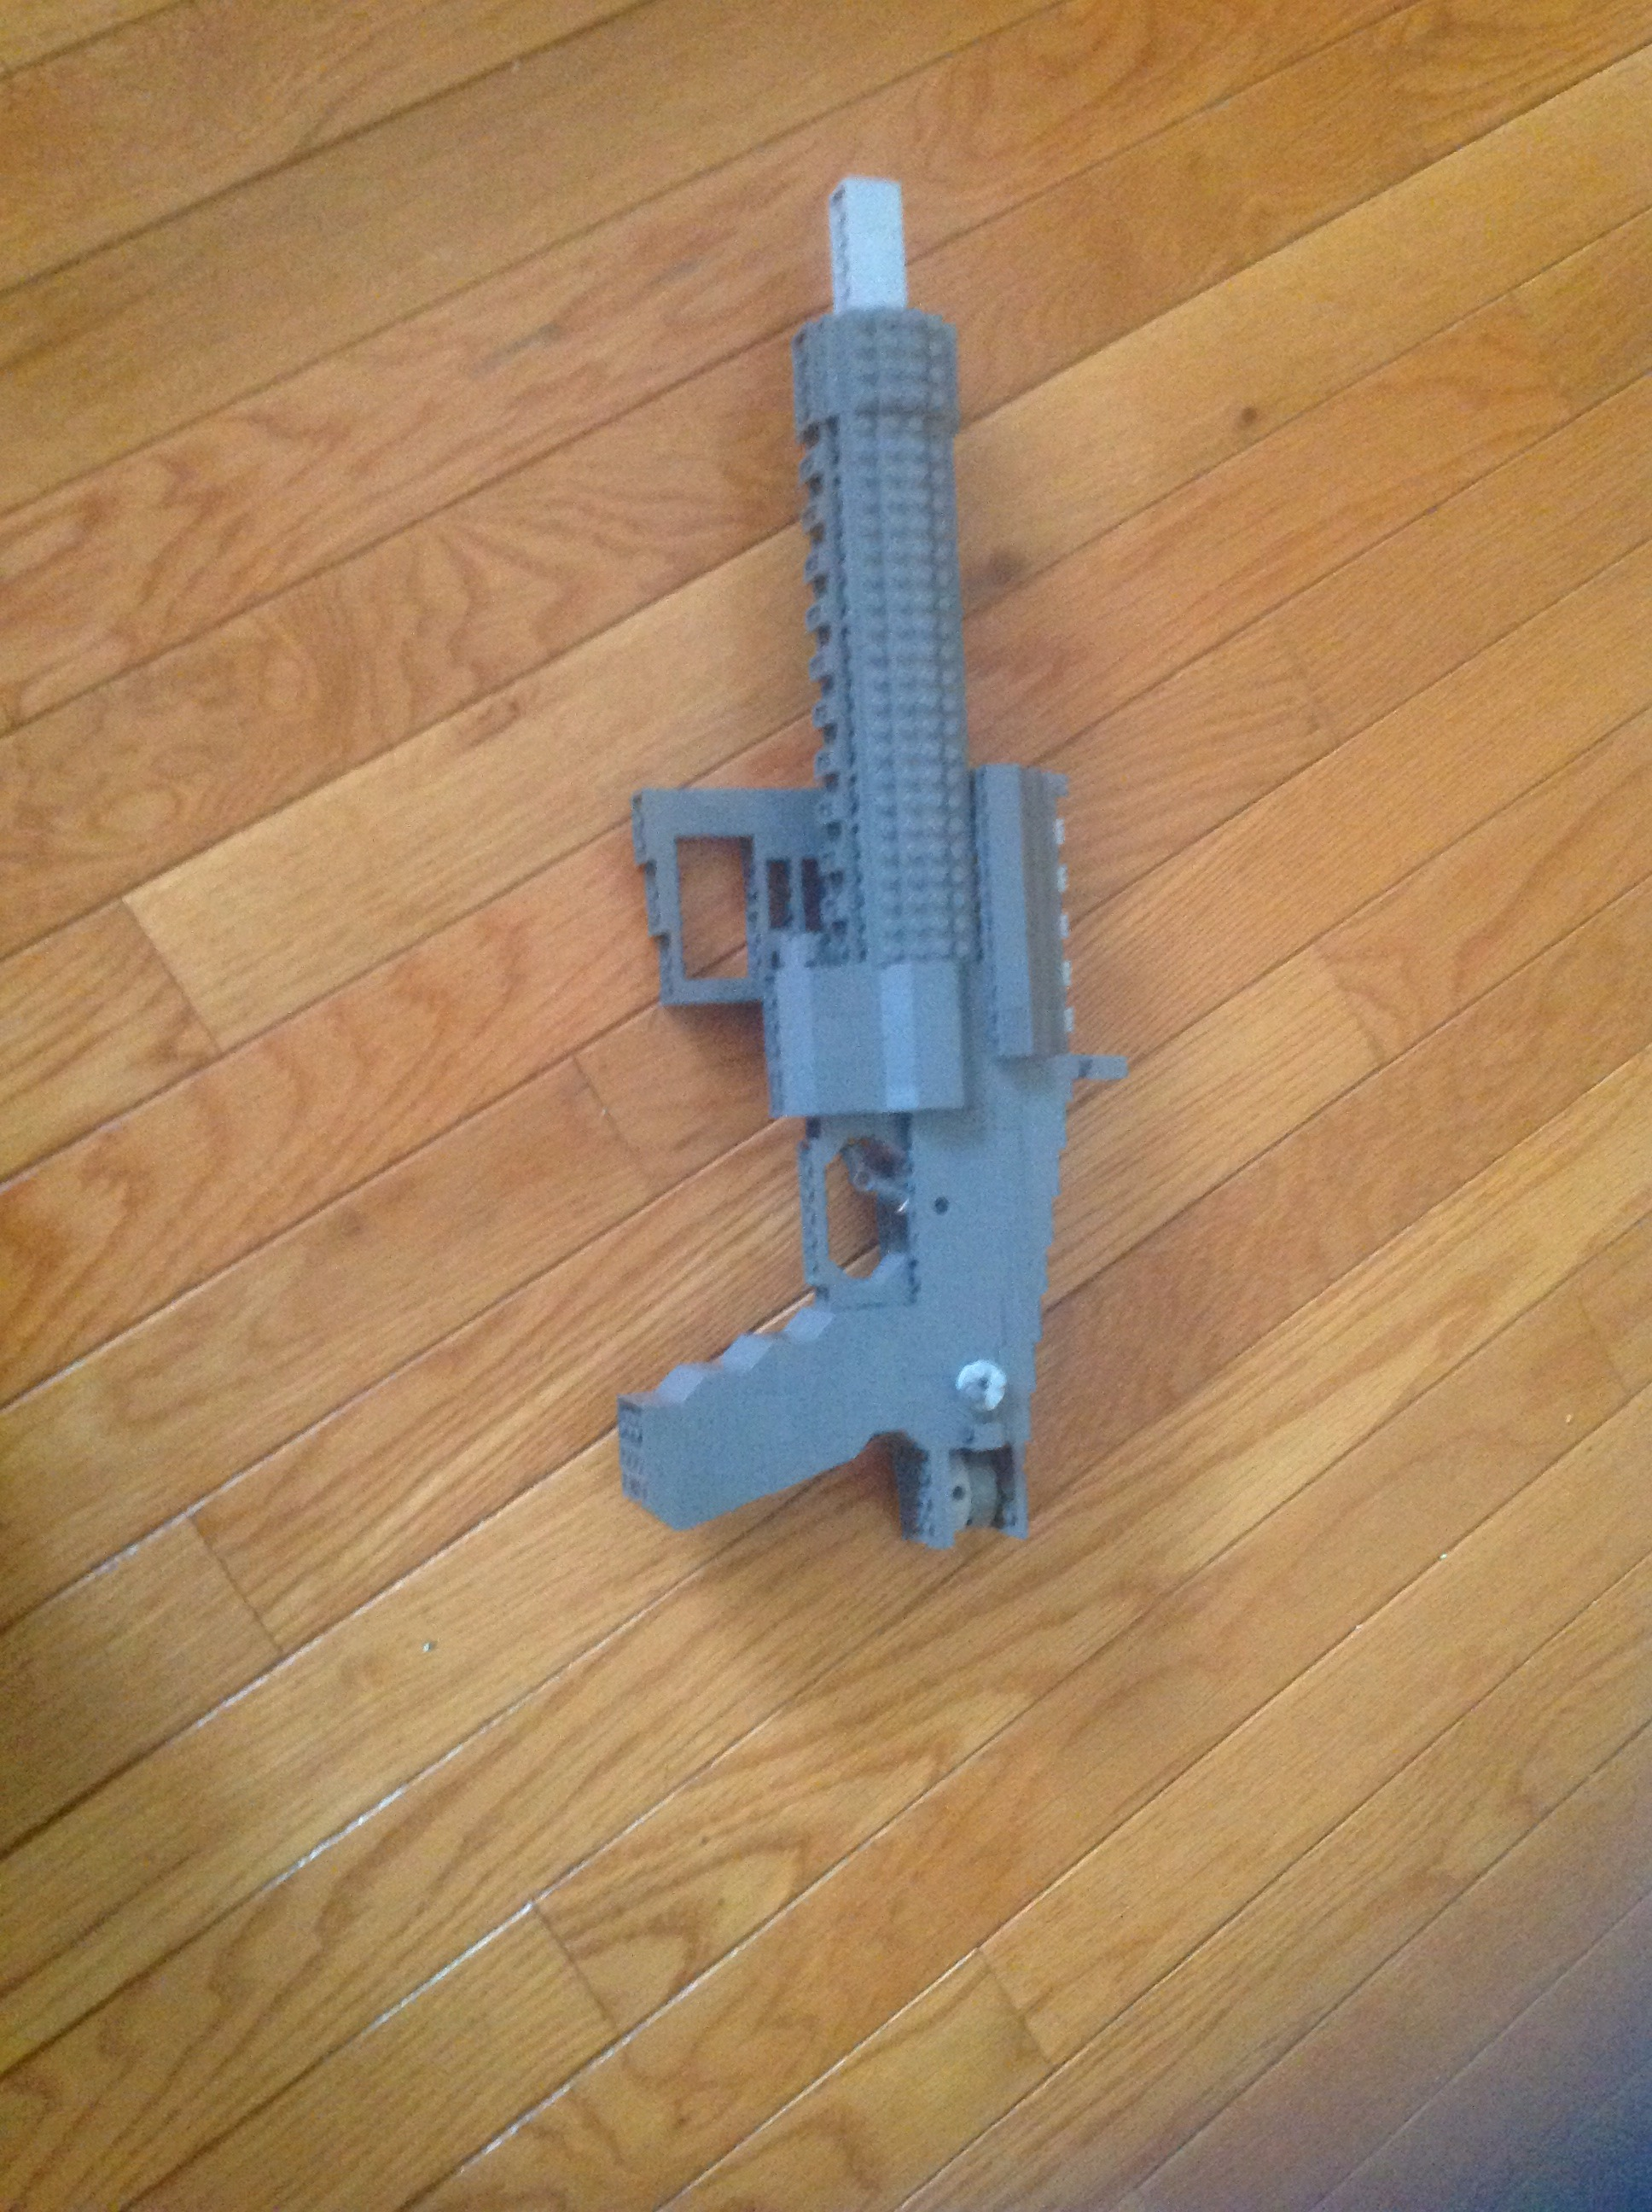 Lego Bulldog (MAUL) Shotgun